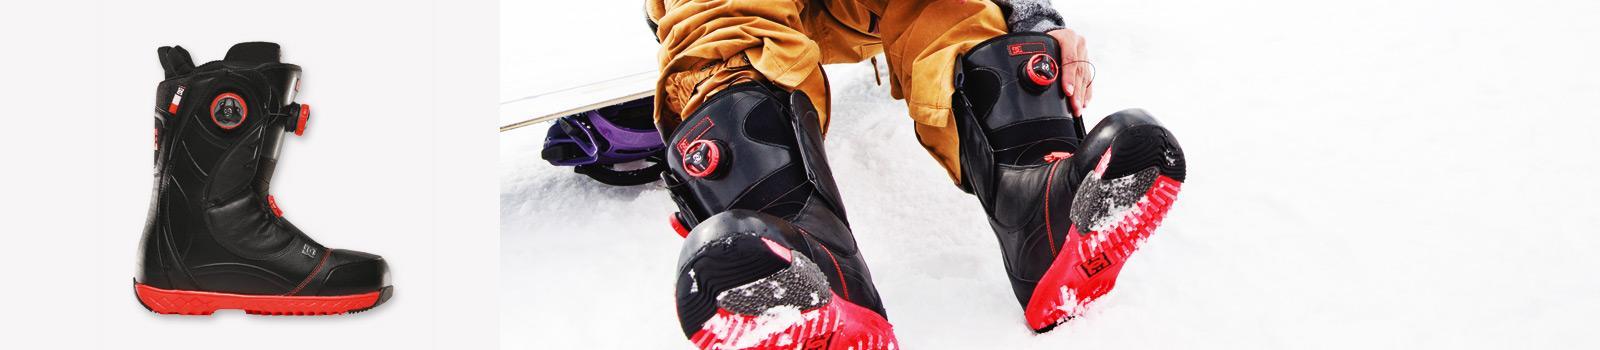 Купить Женские Ботинки для сноубординга